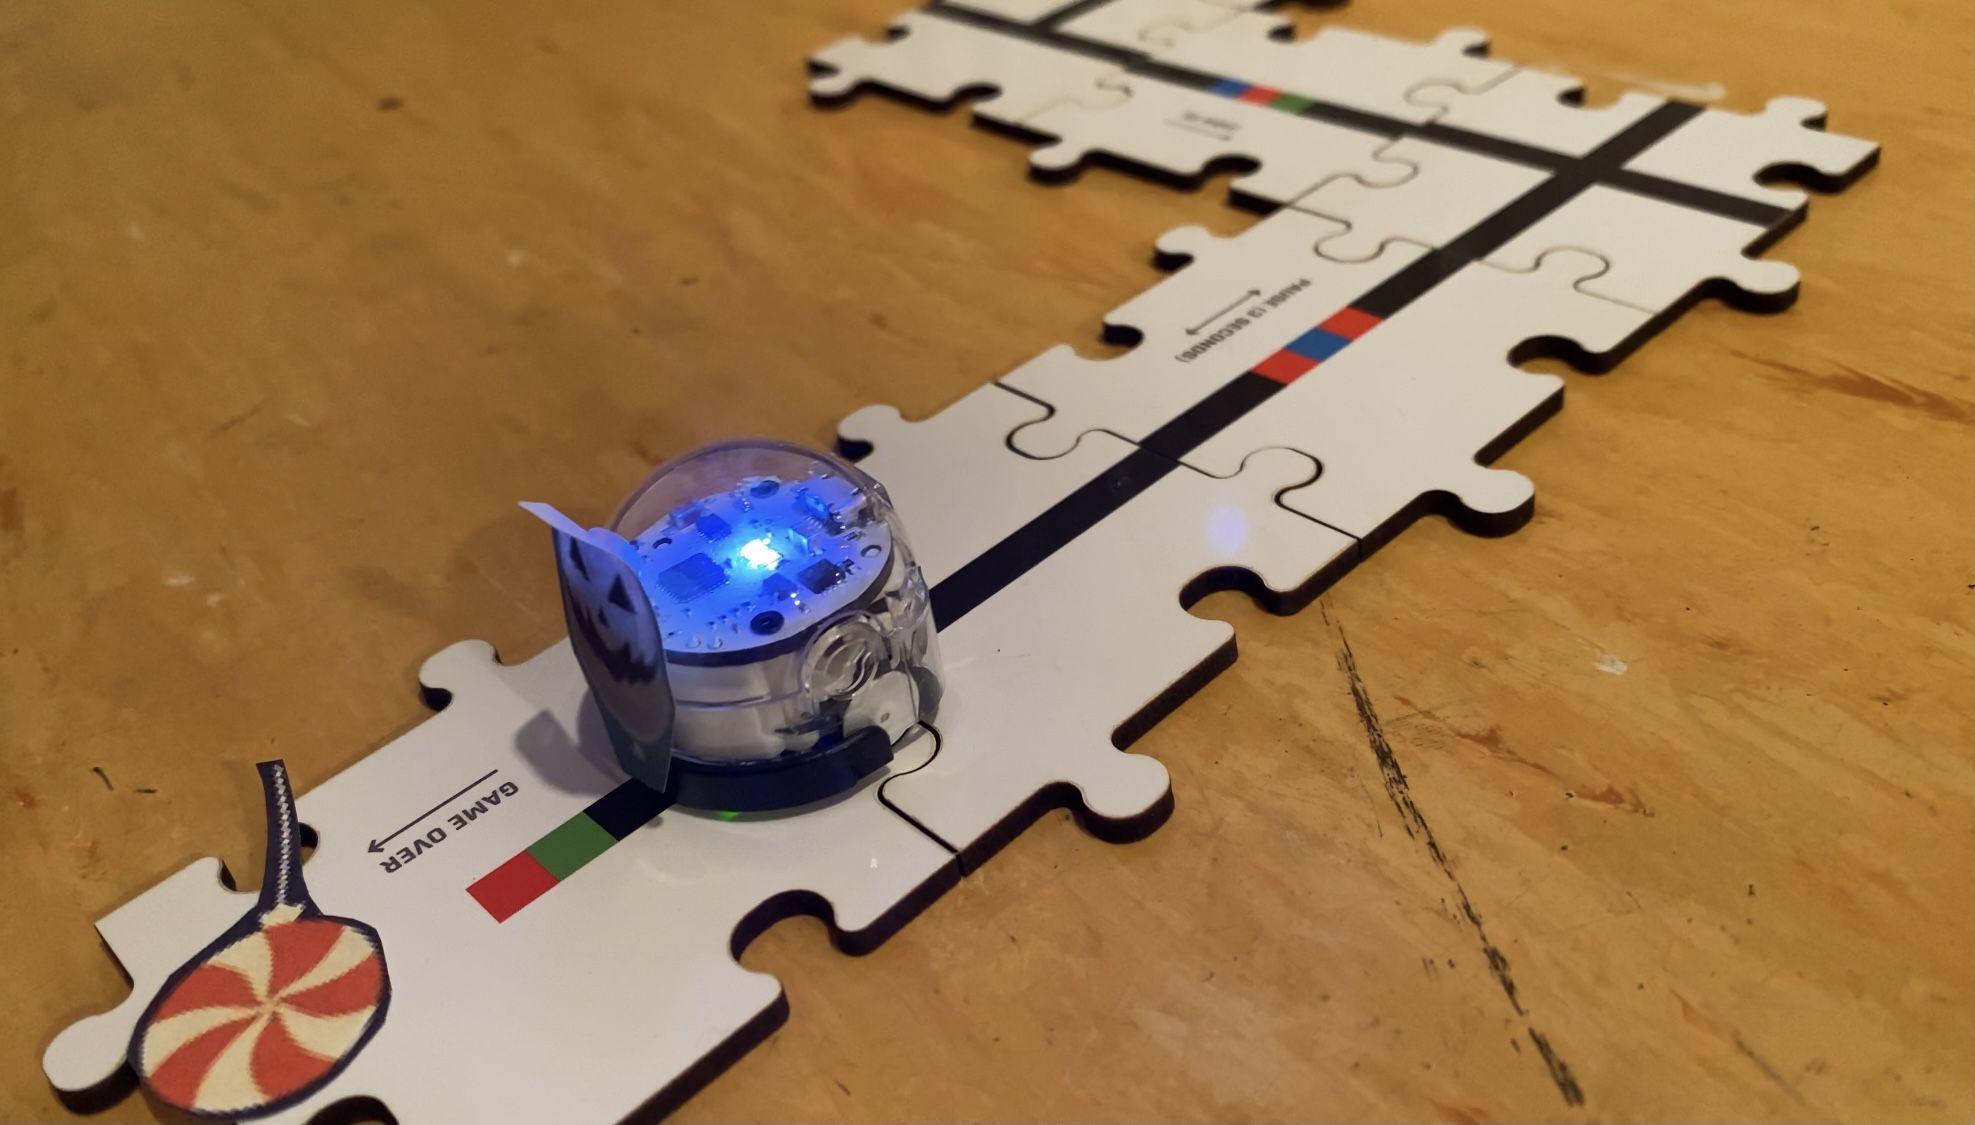 ein kleiner leuchtetender Roboter bewegt sich über eine Strecke